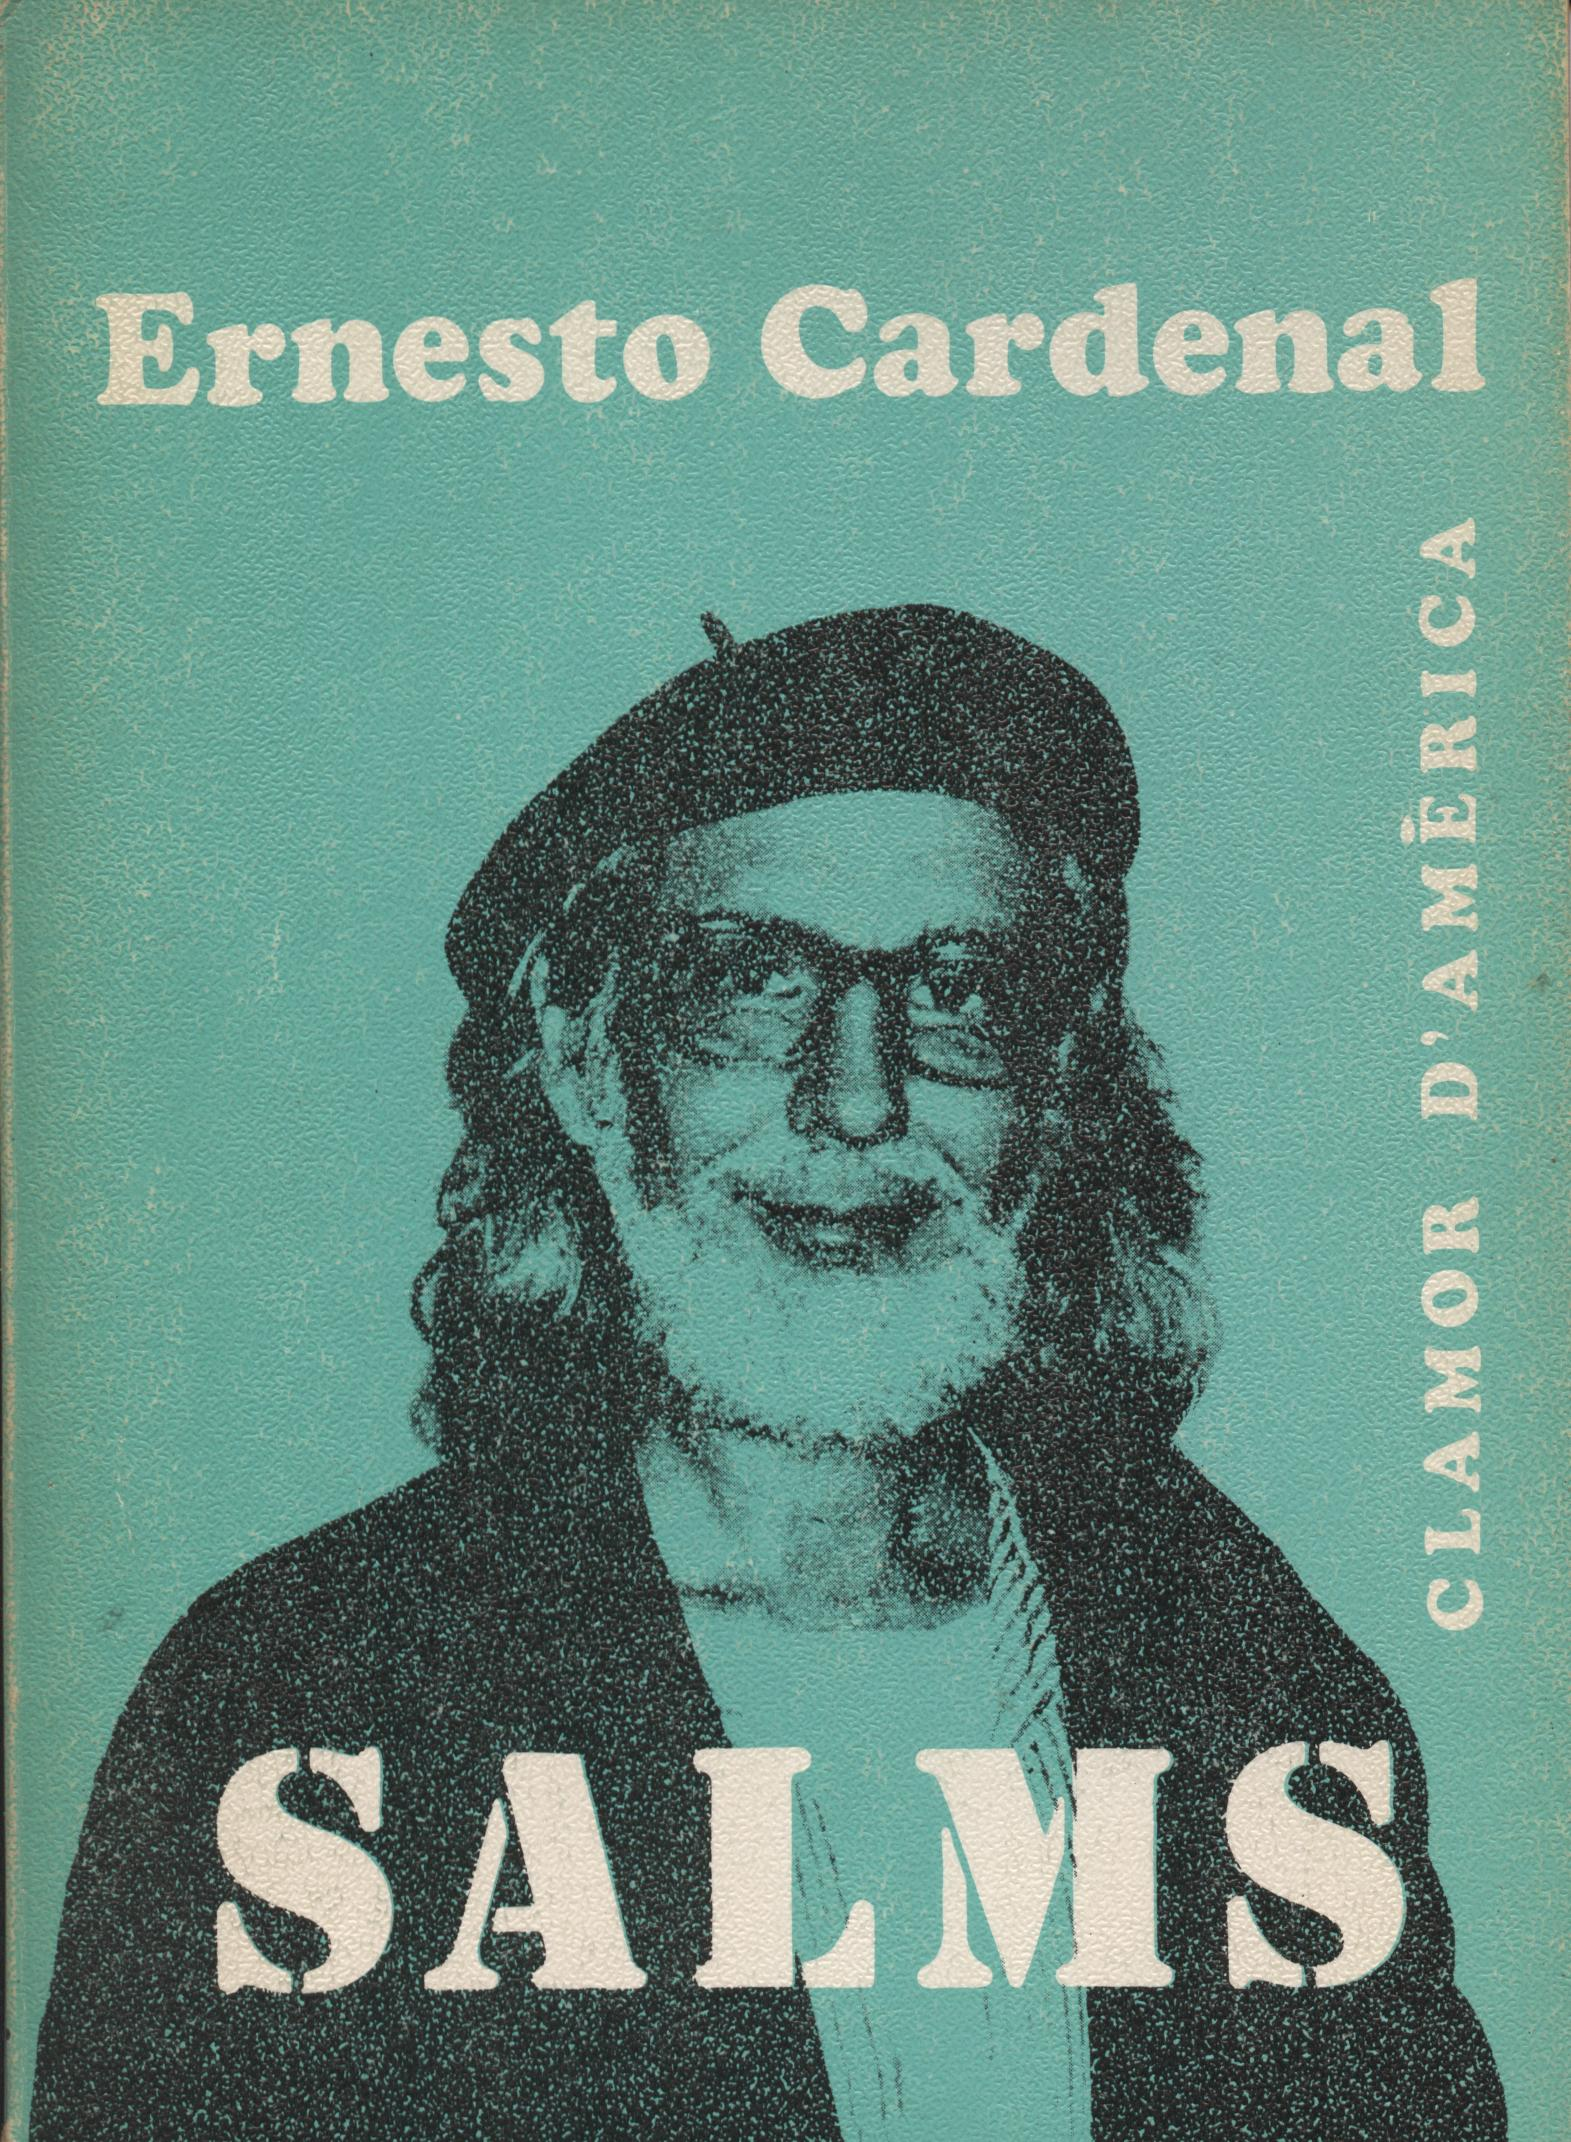 - ernesto cardenal